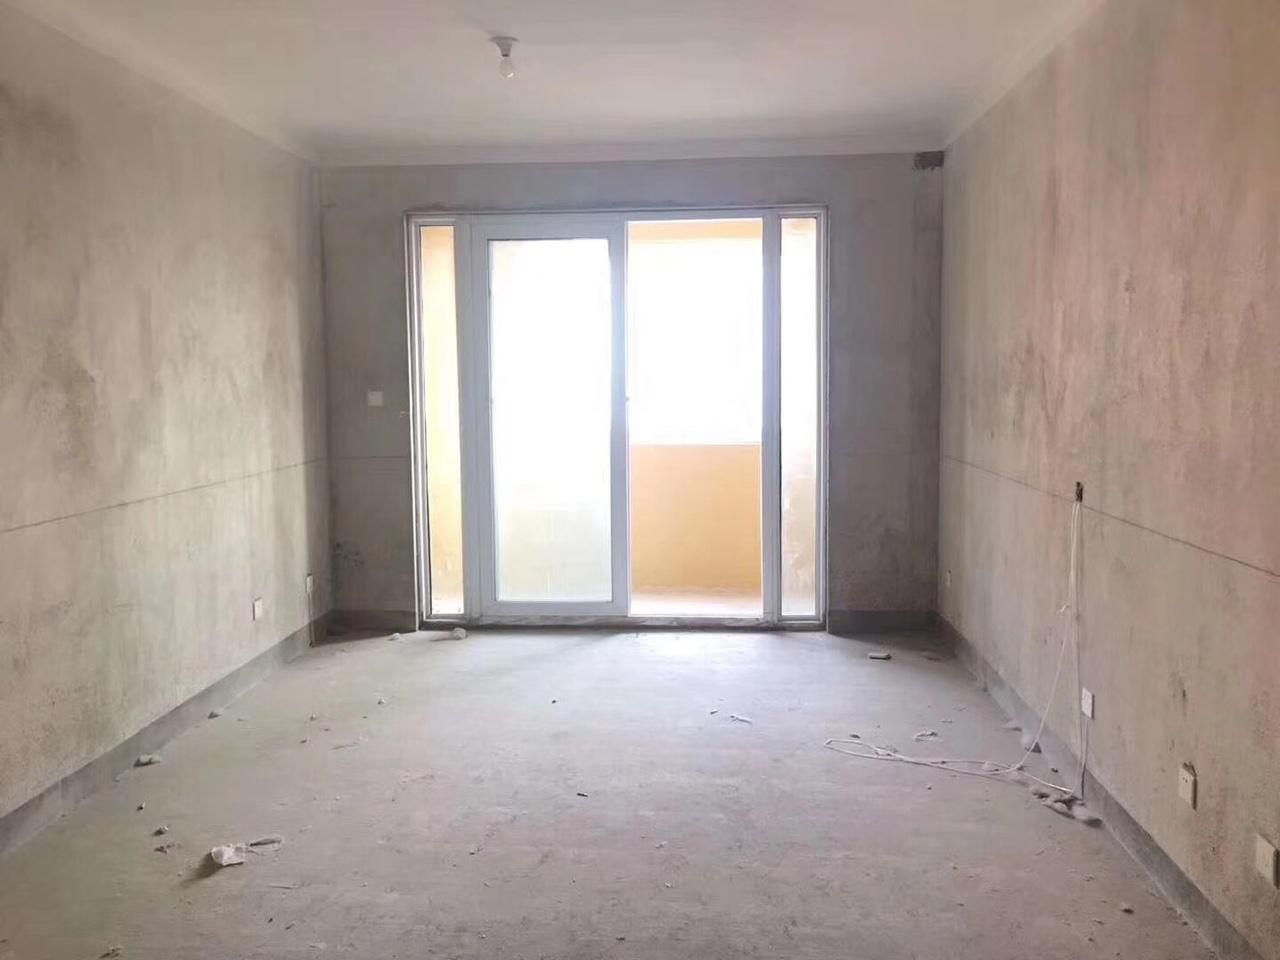 新上房源!步梯三樓,大三室,南北通透,看房有鑰匙